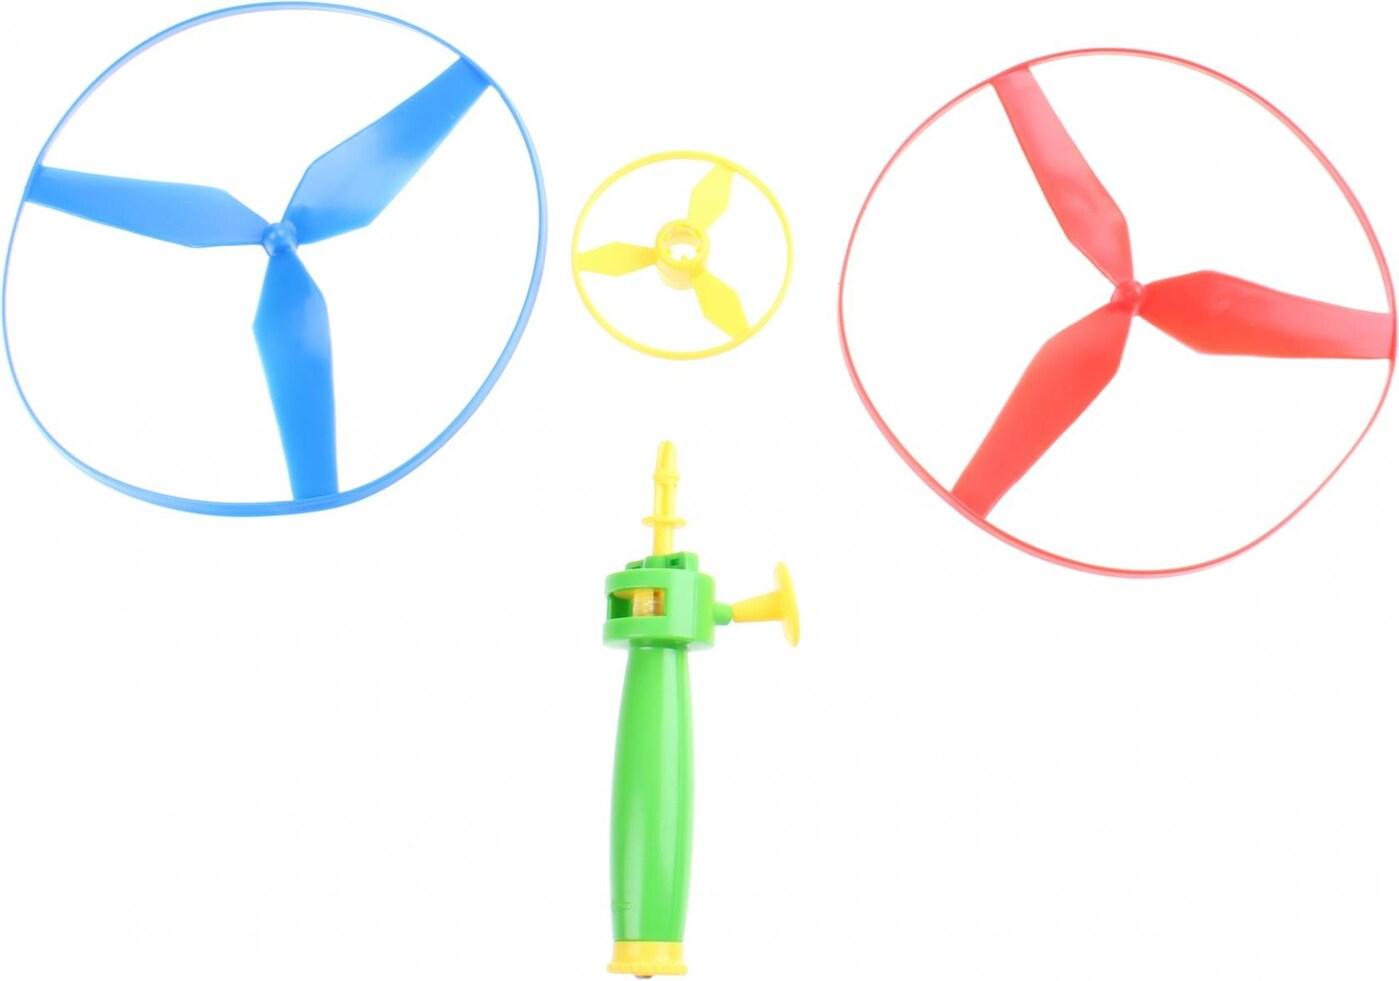 TWIRLY vystřelovací vrtulky, 3 kusy s odpalovačem